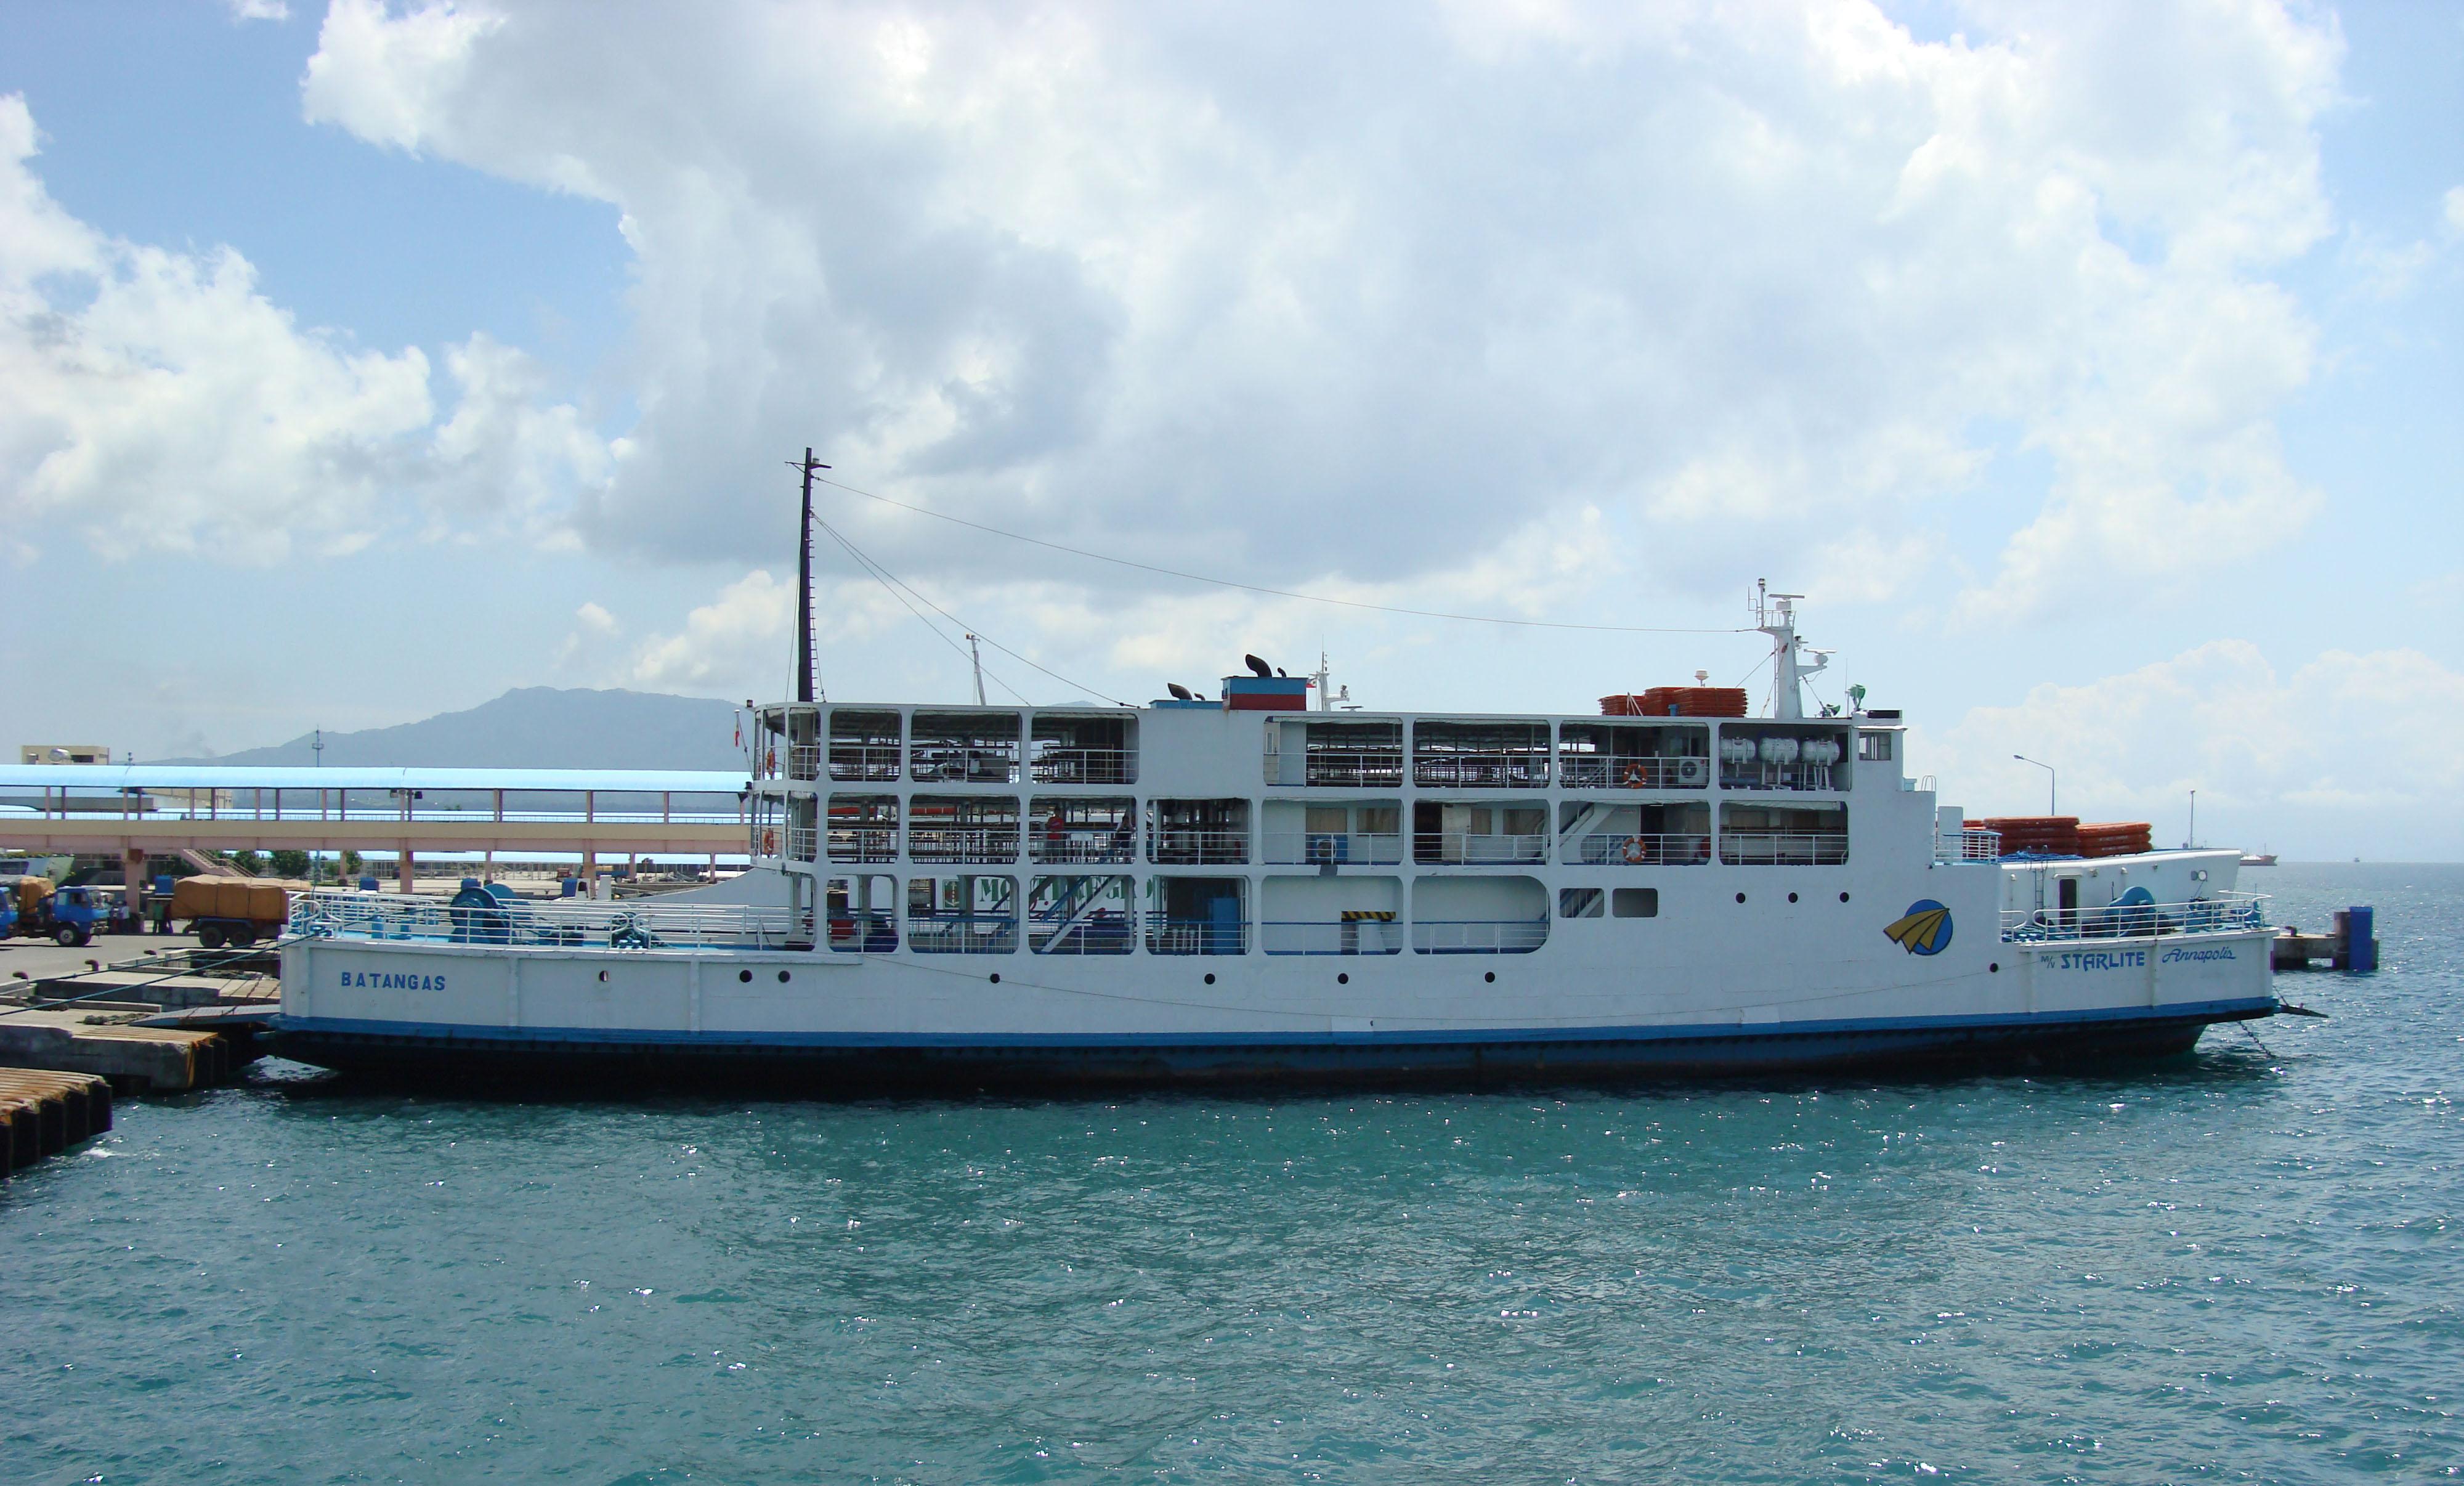 MV Starlite Annapolis Batangus Pier Philippines 02